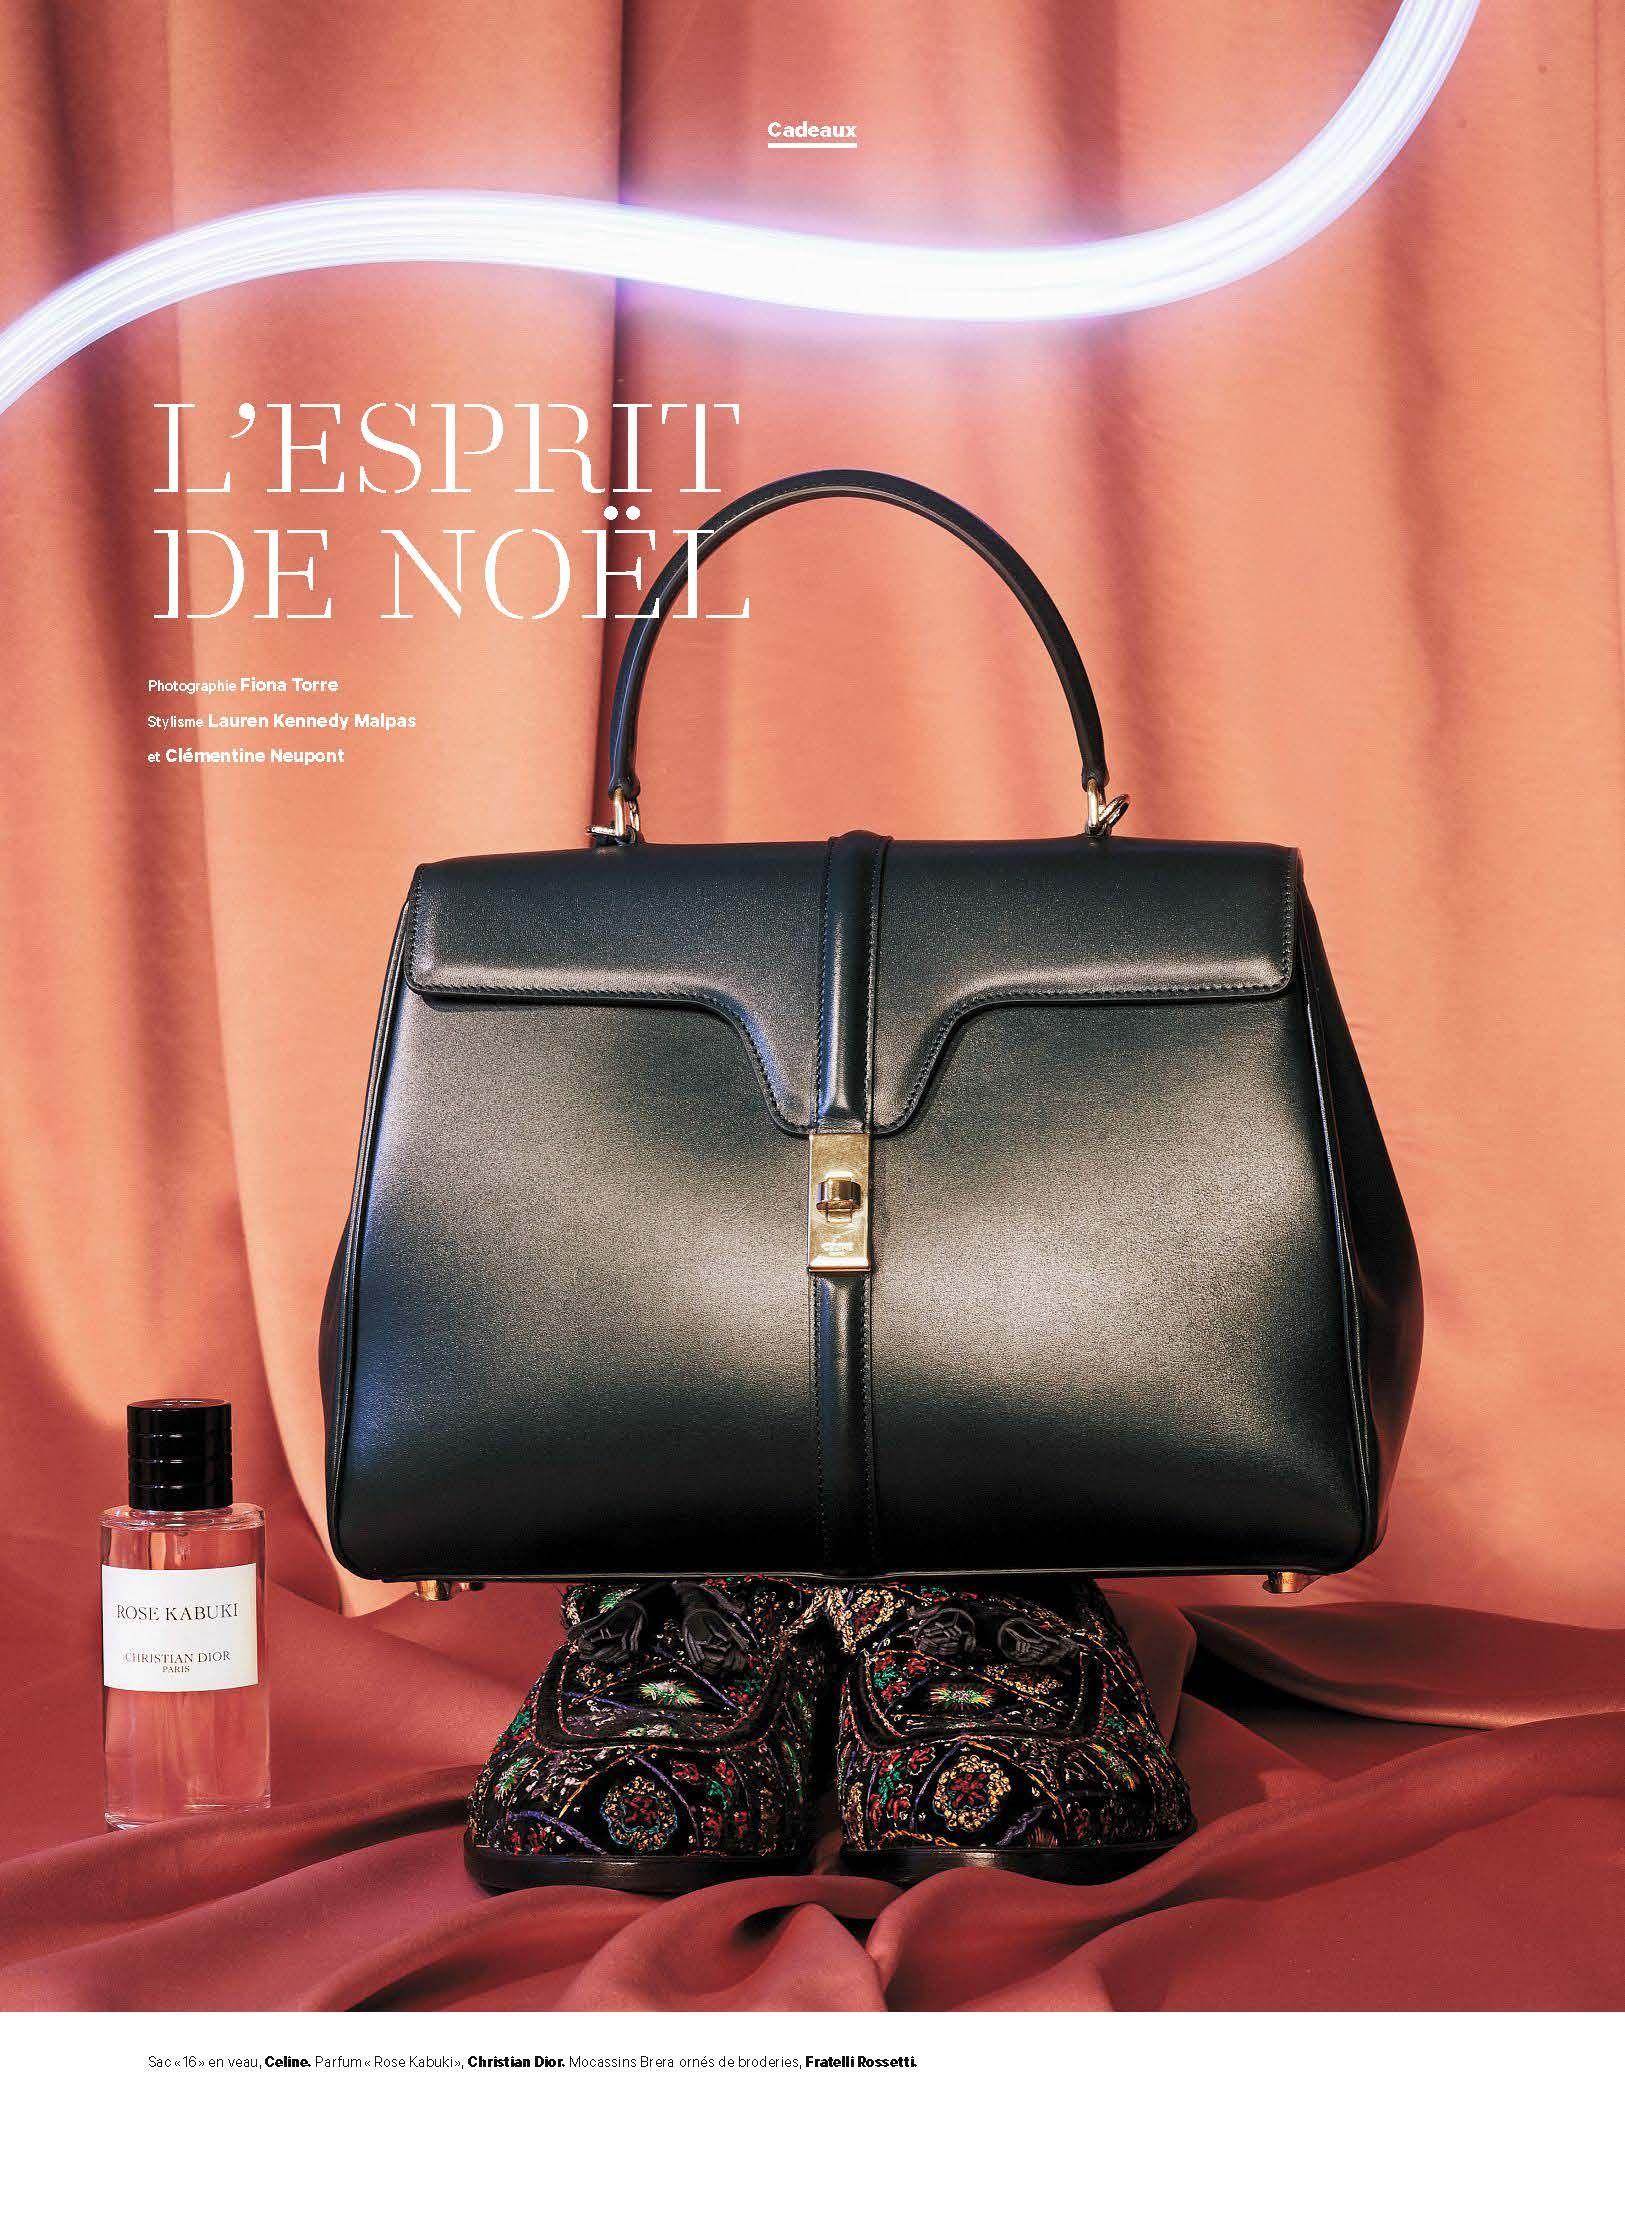 Fiona Kennedy Neupont Lauren Torre Photographie Noël De L'esprit Et Malpas Clémentine Stylisme 4wRTZZ